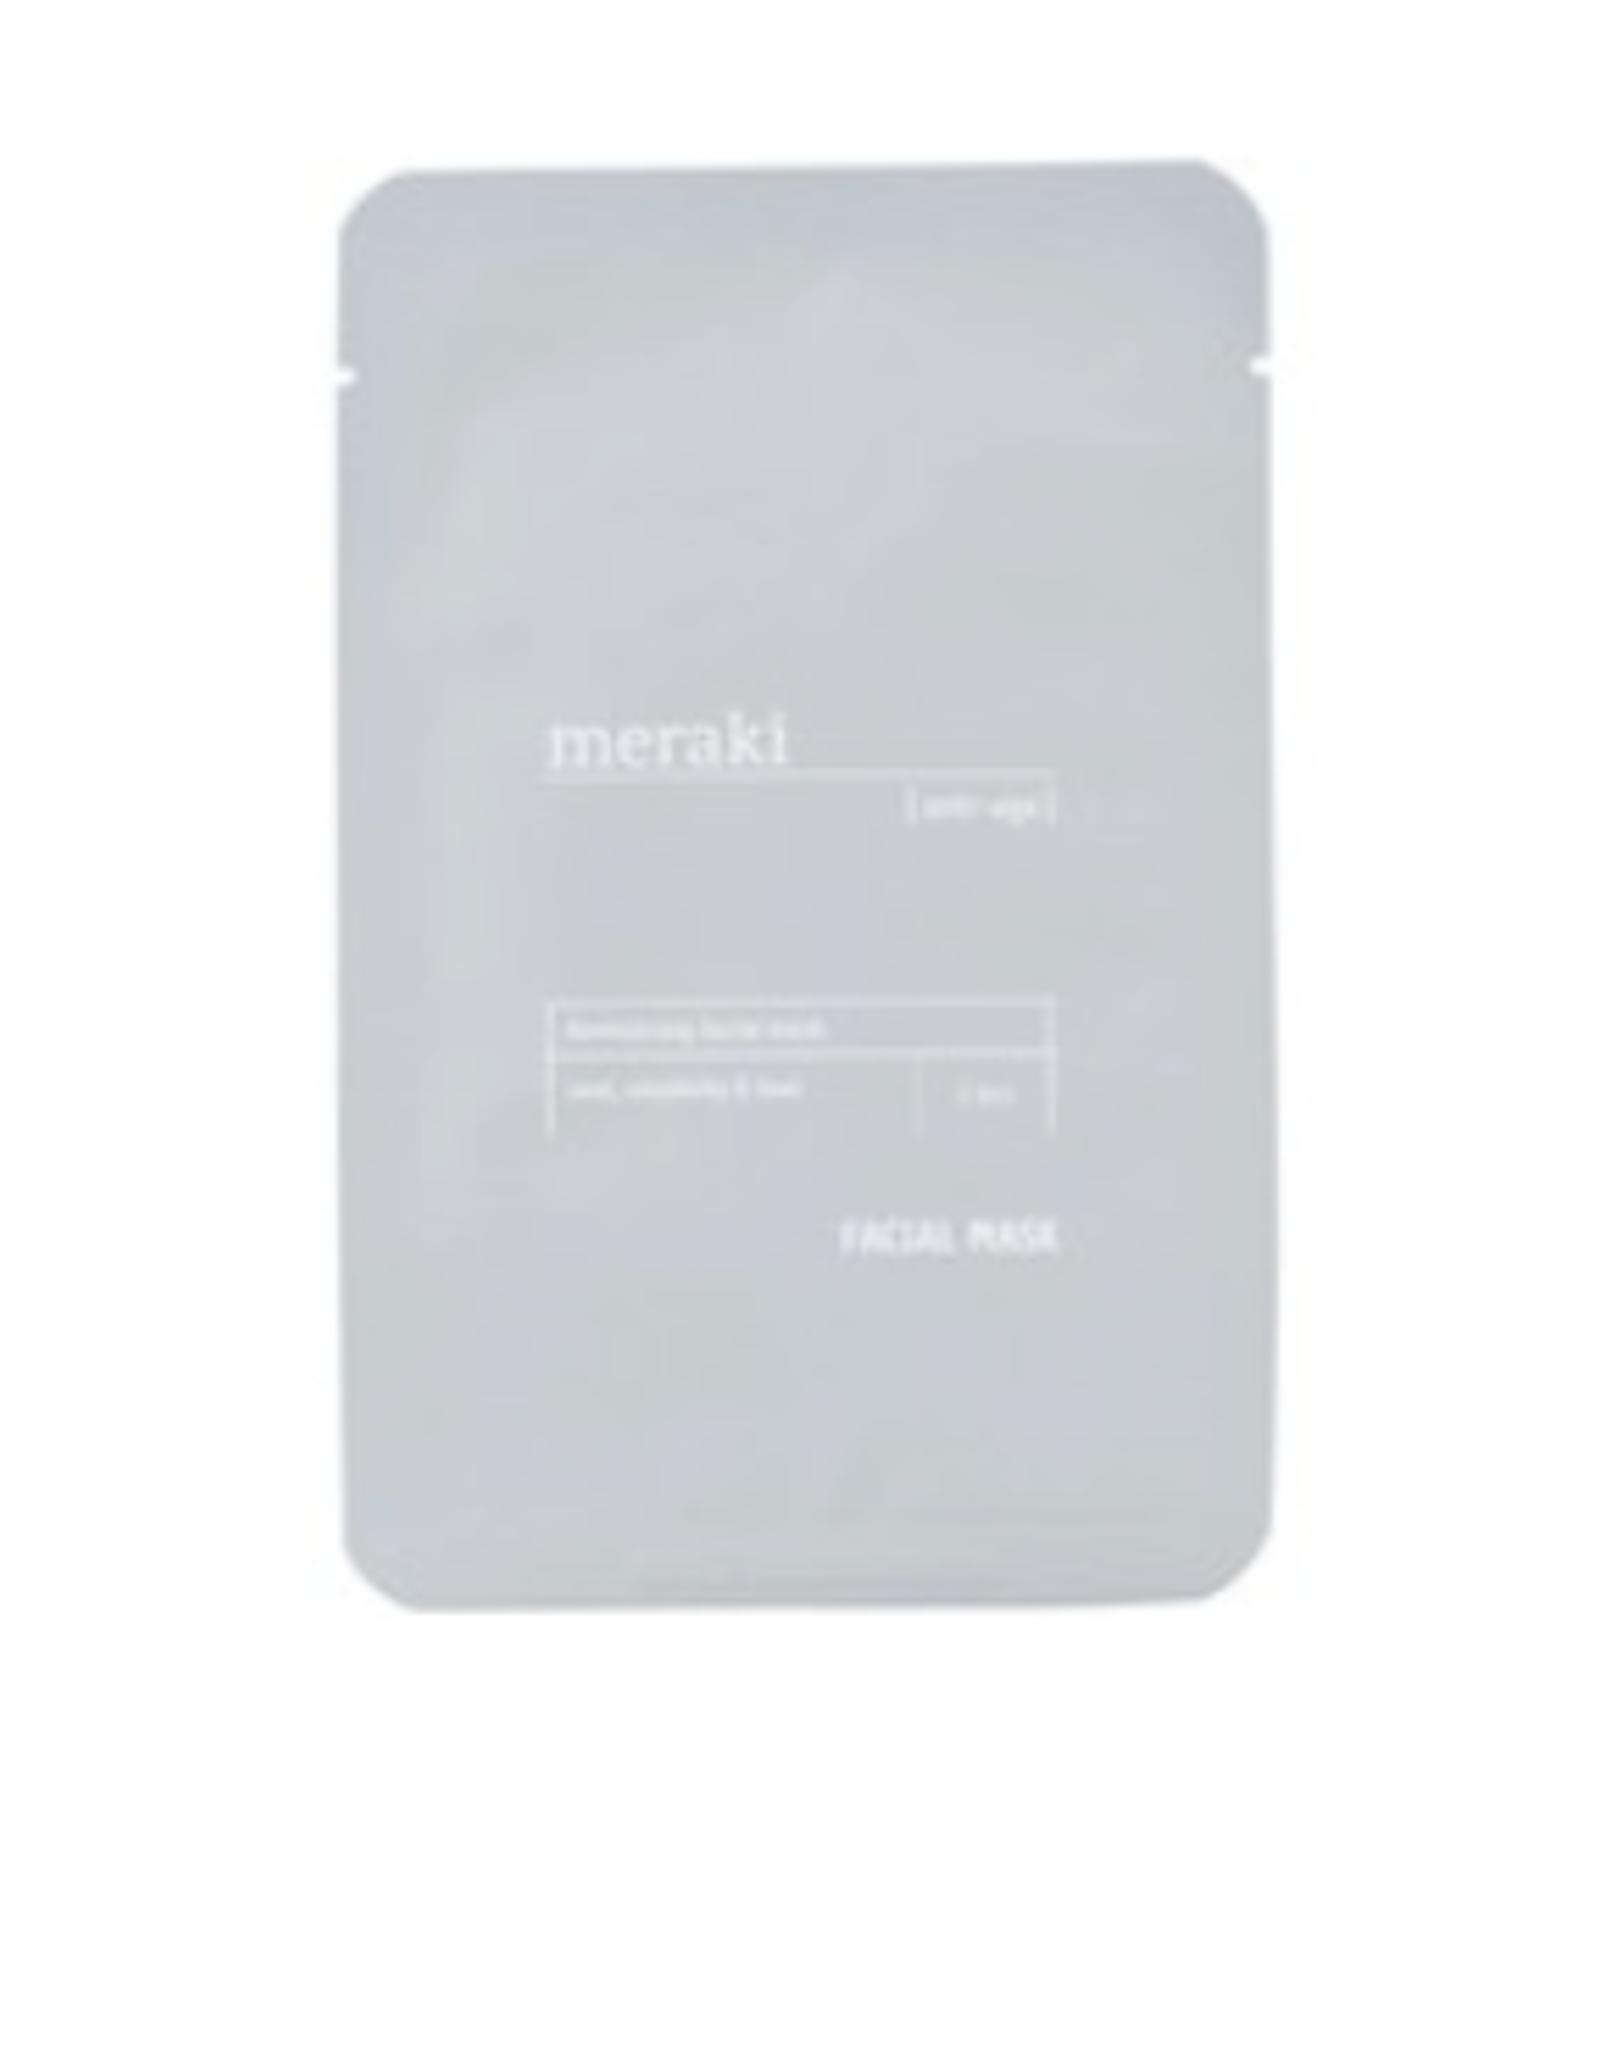 Meraki Meraki - Facial mask - Anti-age